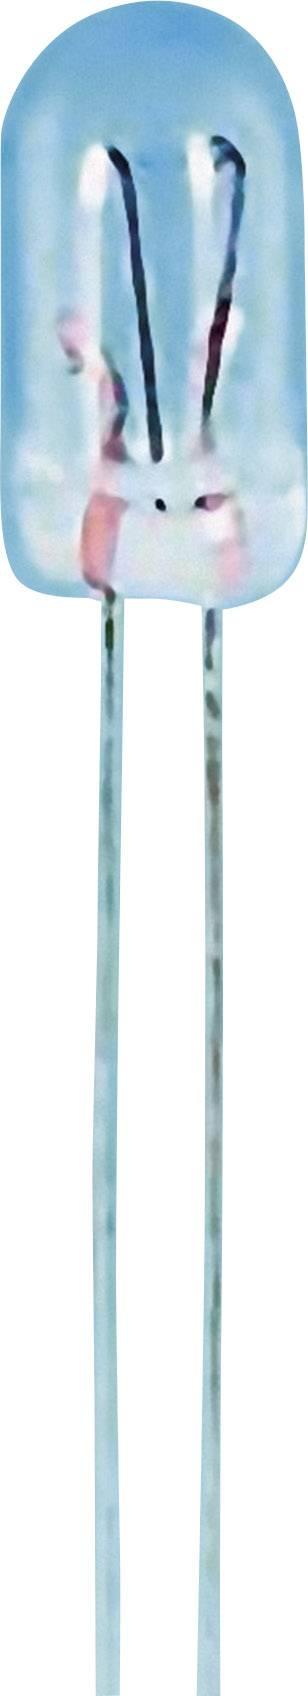 Mikro žárovka Vnější Ø 3.20 mm TRU COMPONENTS 6 V, 0.115 A, 1 ks